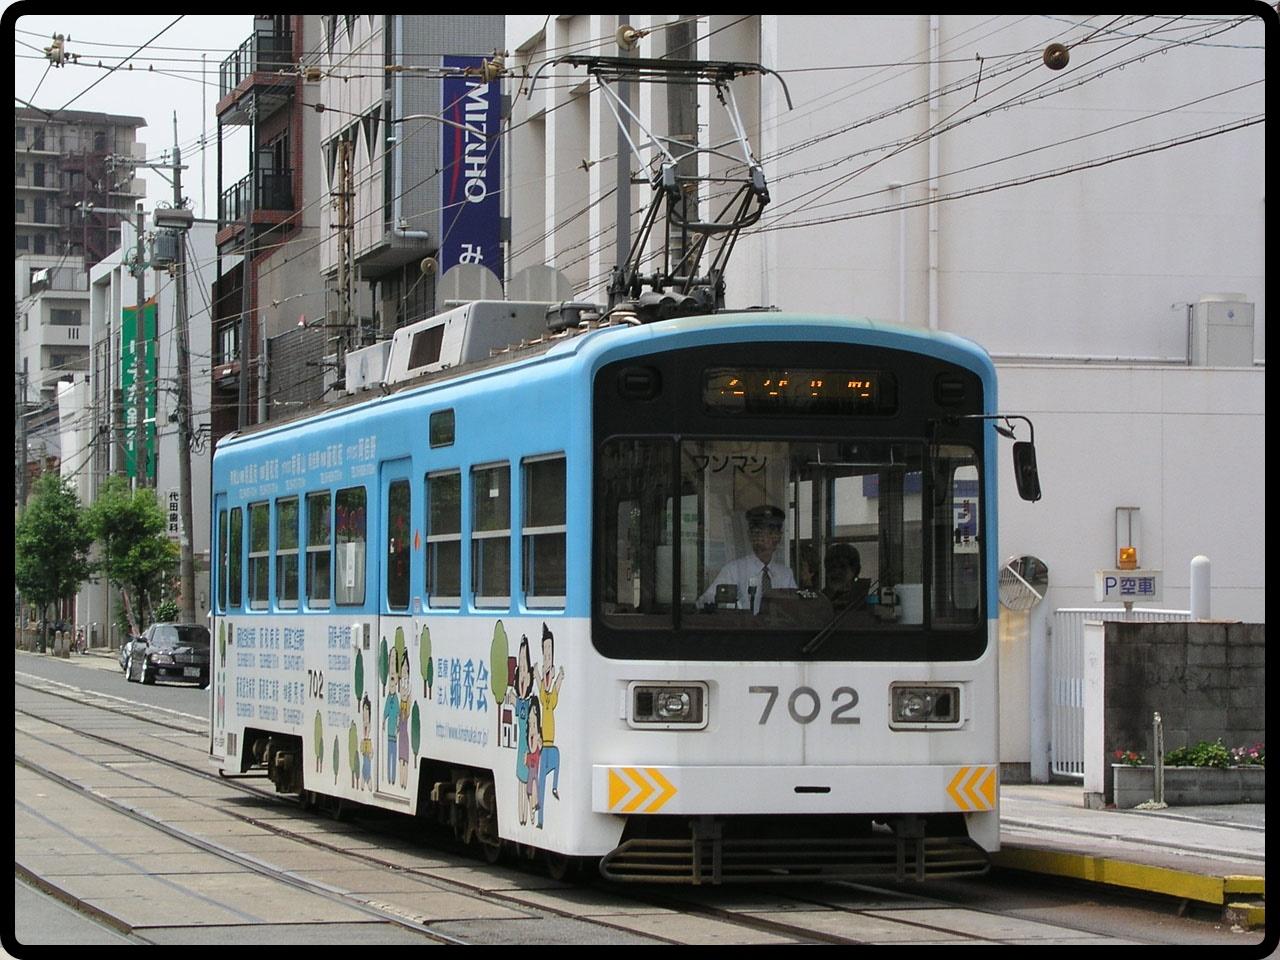 【阪堺電車】10月から一律230円に運賃を改定 定期券が一部区間で値上げも赤字改善目論む